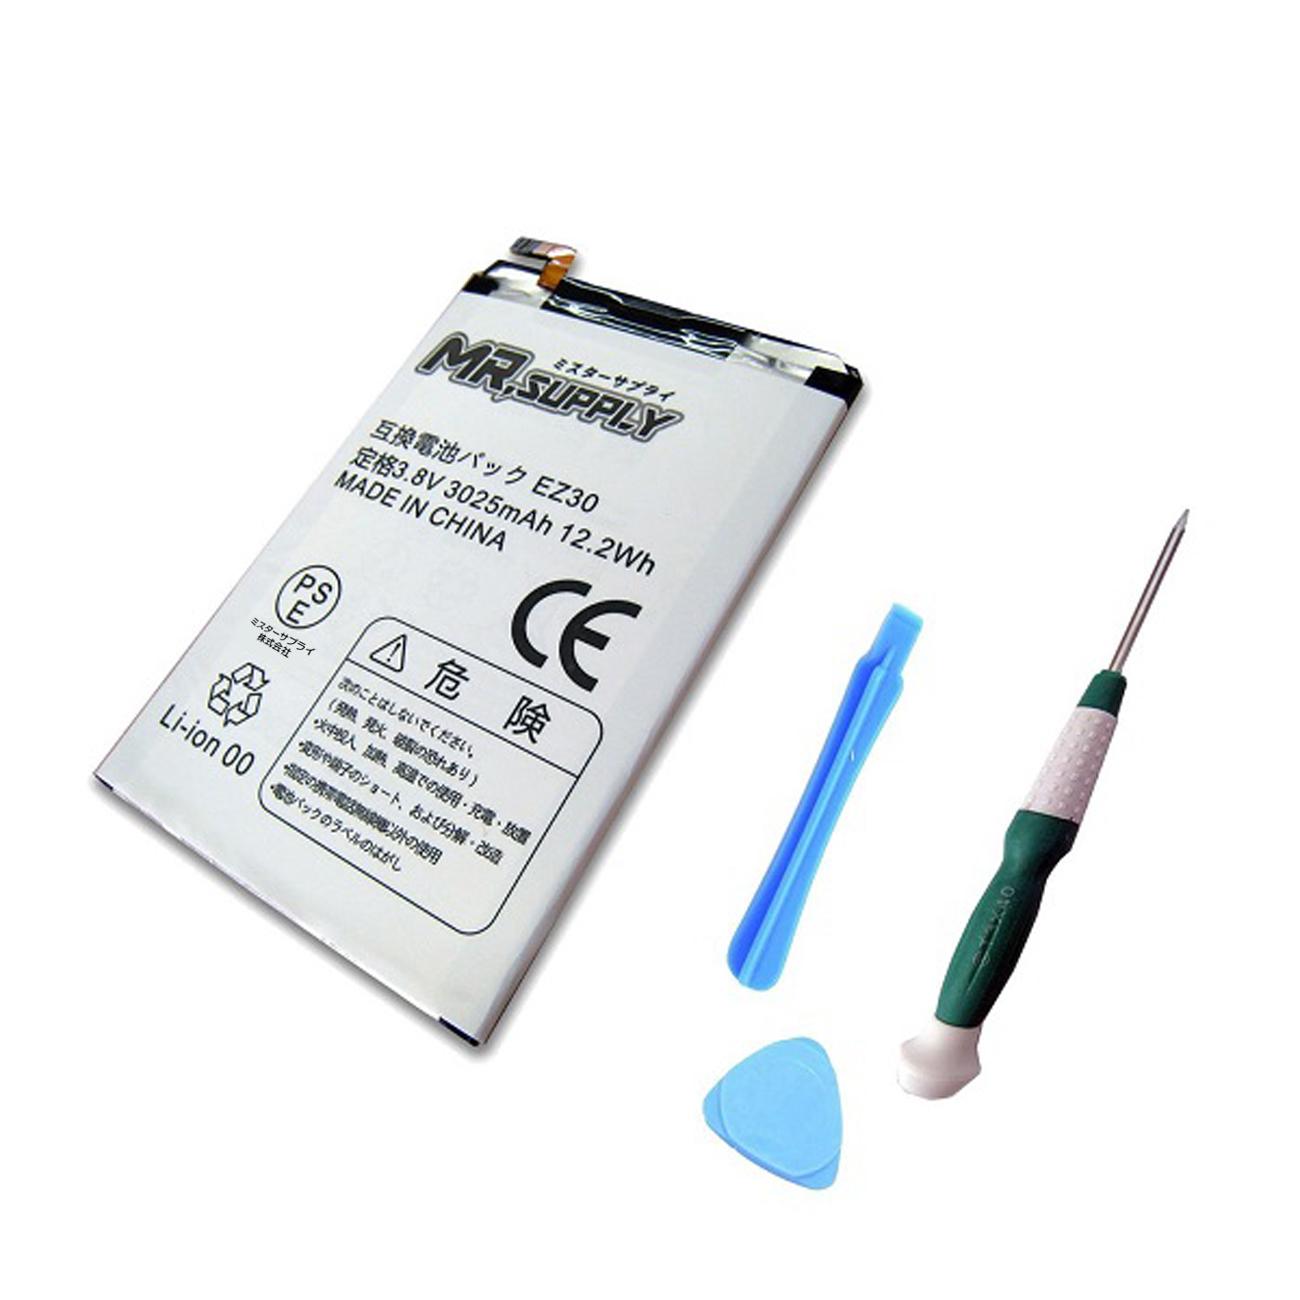 【全国送料無料】Google Nexus 6 Li-Polymer 互換内蔵バッテリー EZ30 (T3トルクスドライバー / ケースオープナーセット付属)